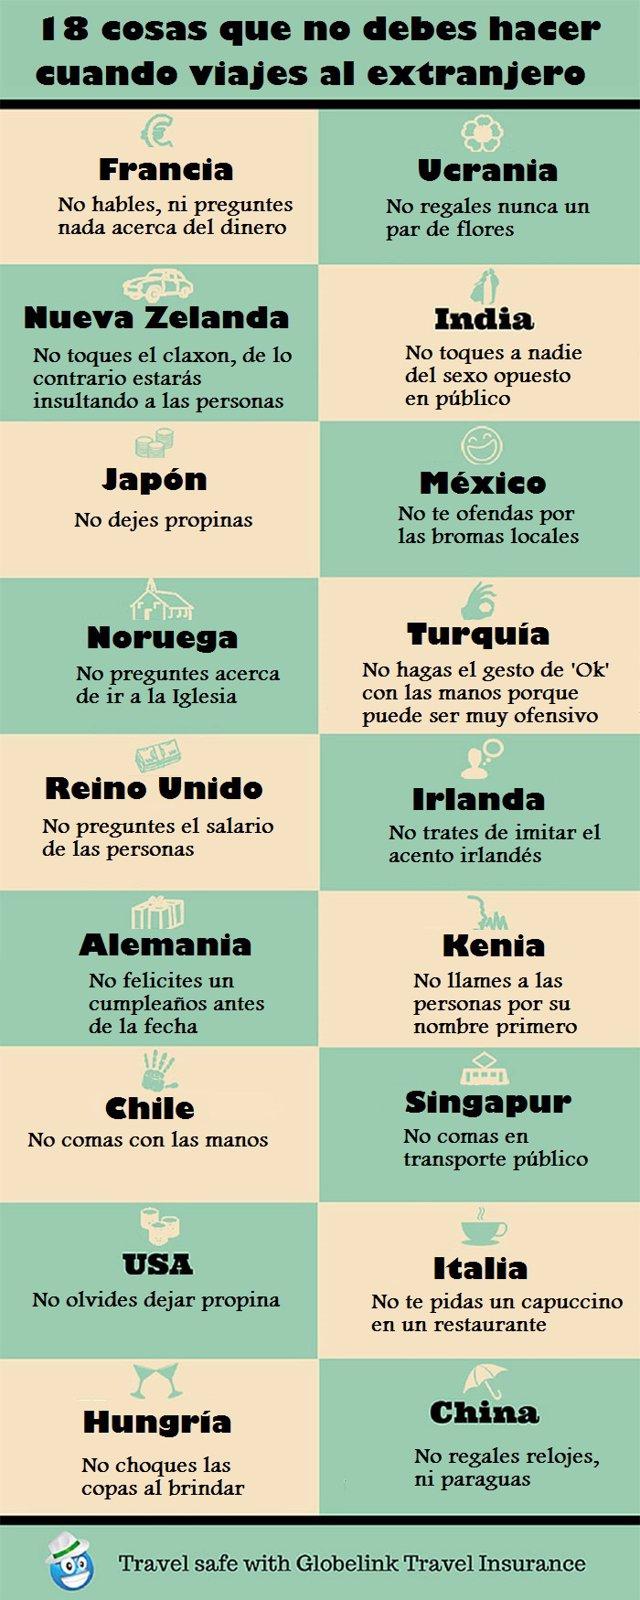 tradiciones, costumbres, leyes de otros países